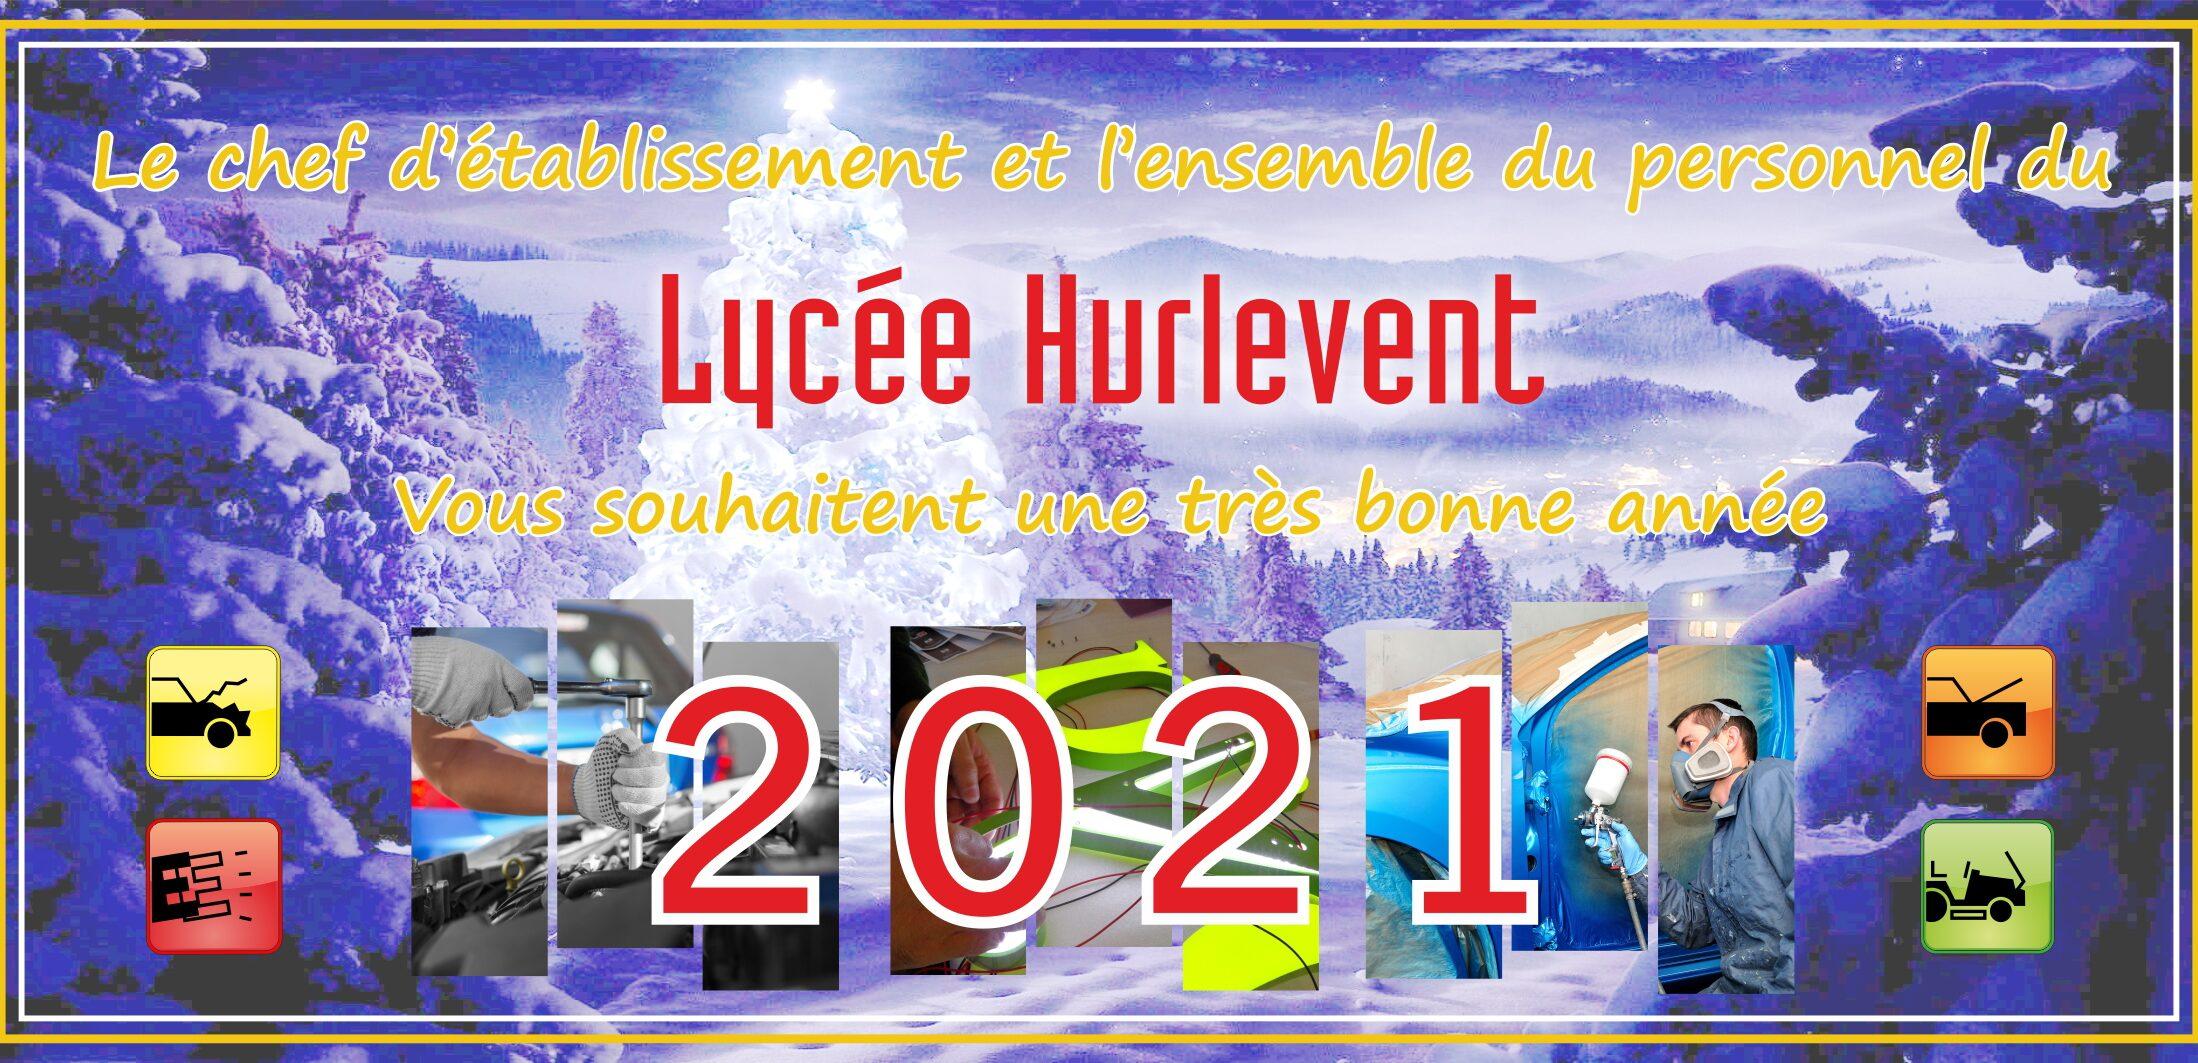 CARTE DE VOEUX 2021 FR email et web-1.jpg